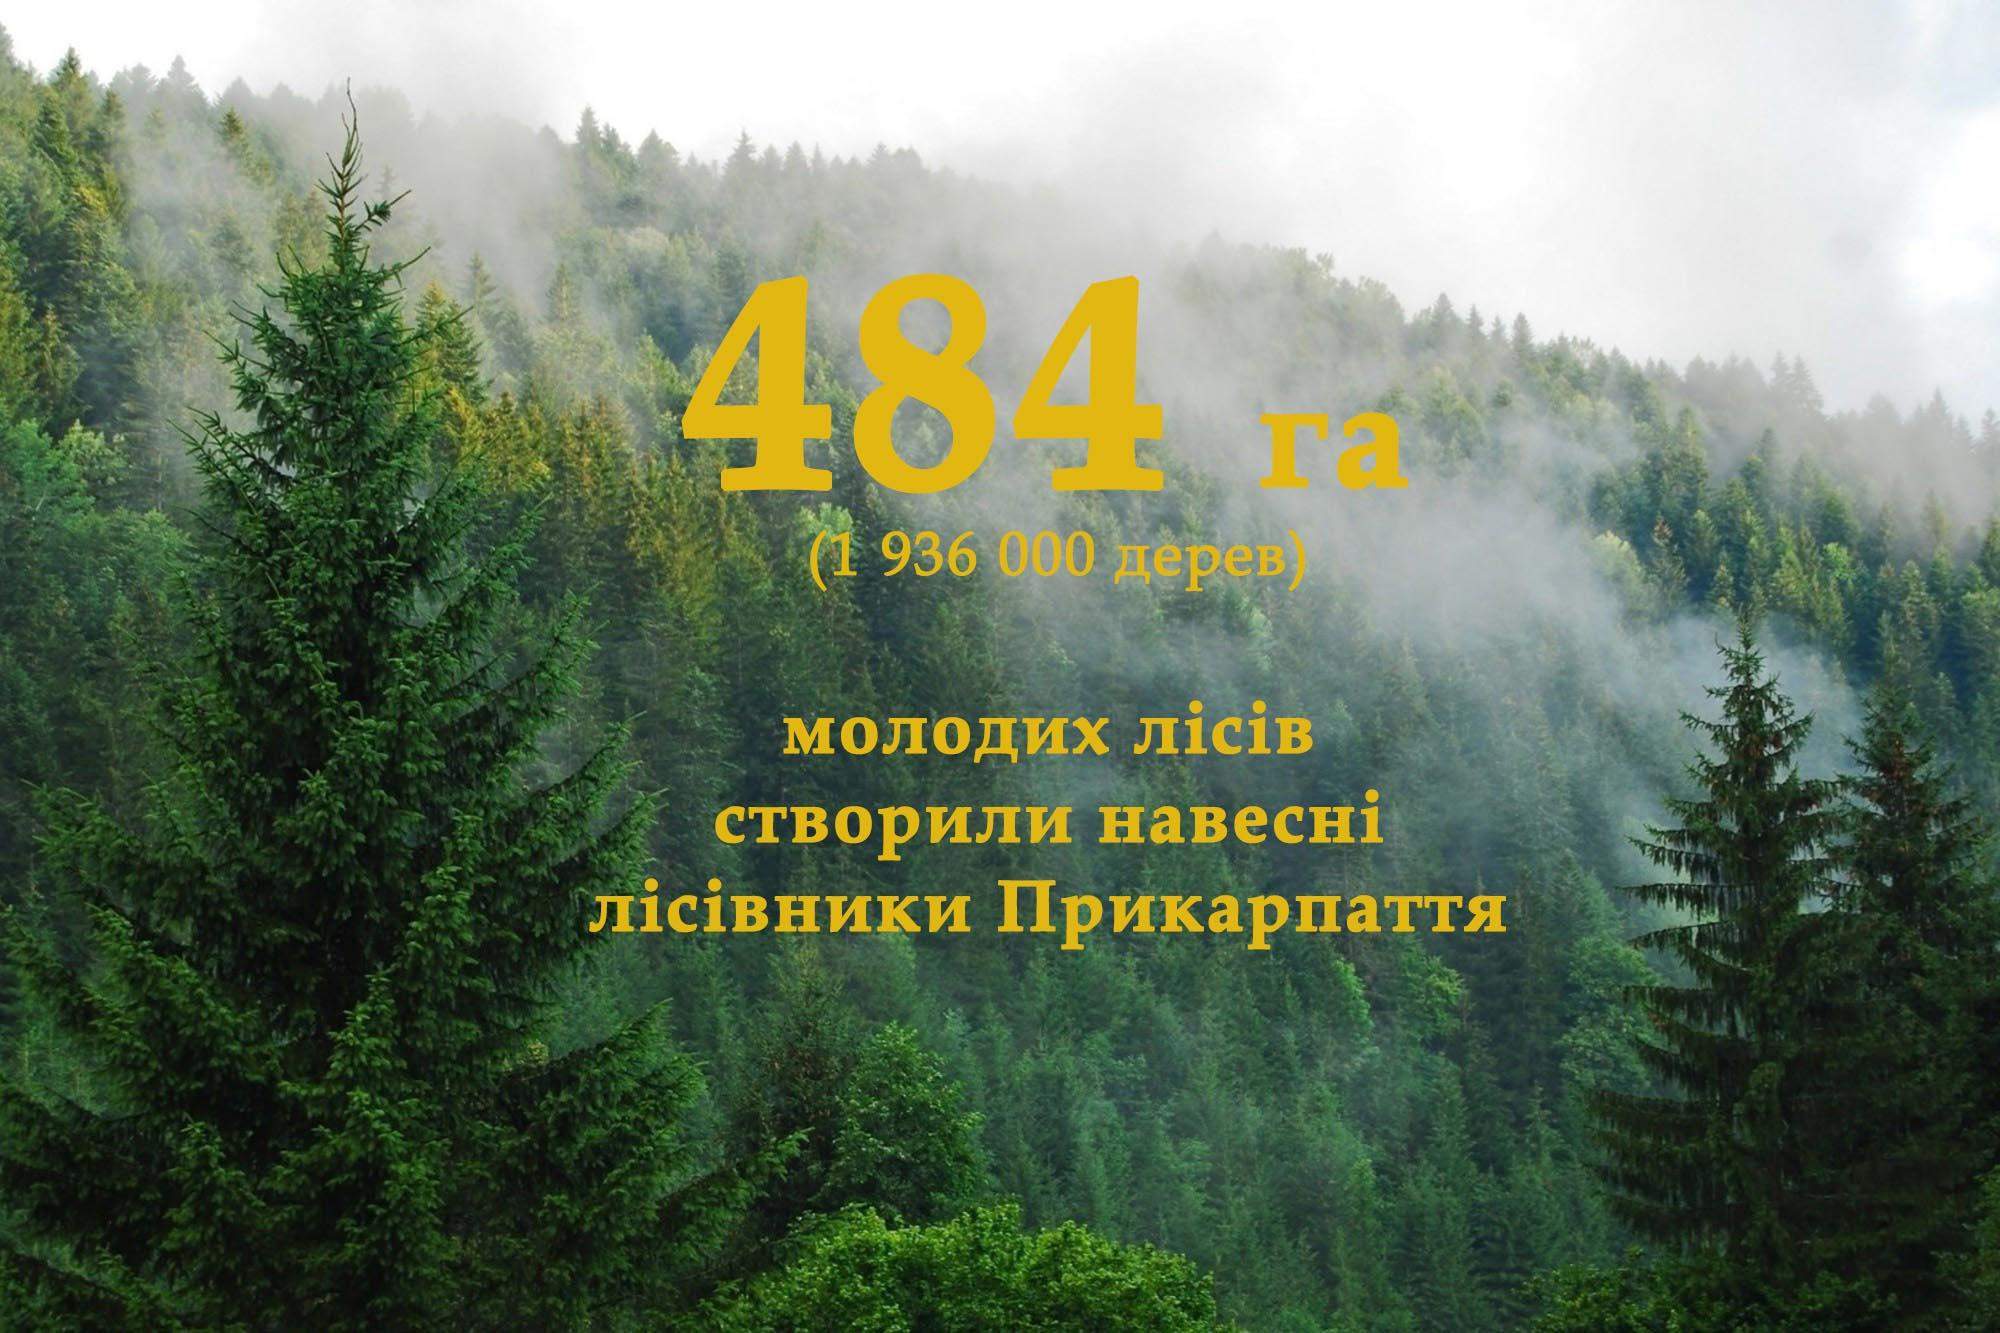 Майже два мільйони дерев посадили навесні лісівники Прикарпаття